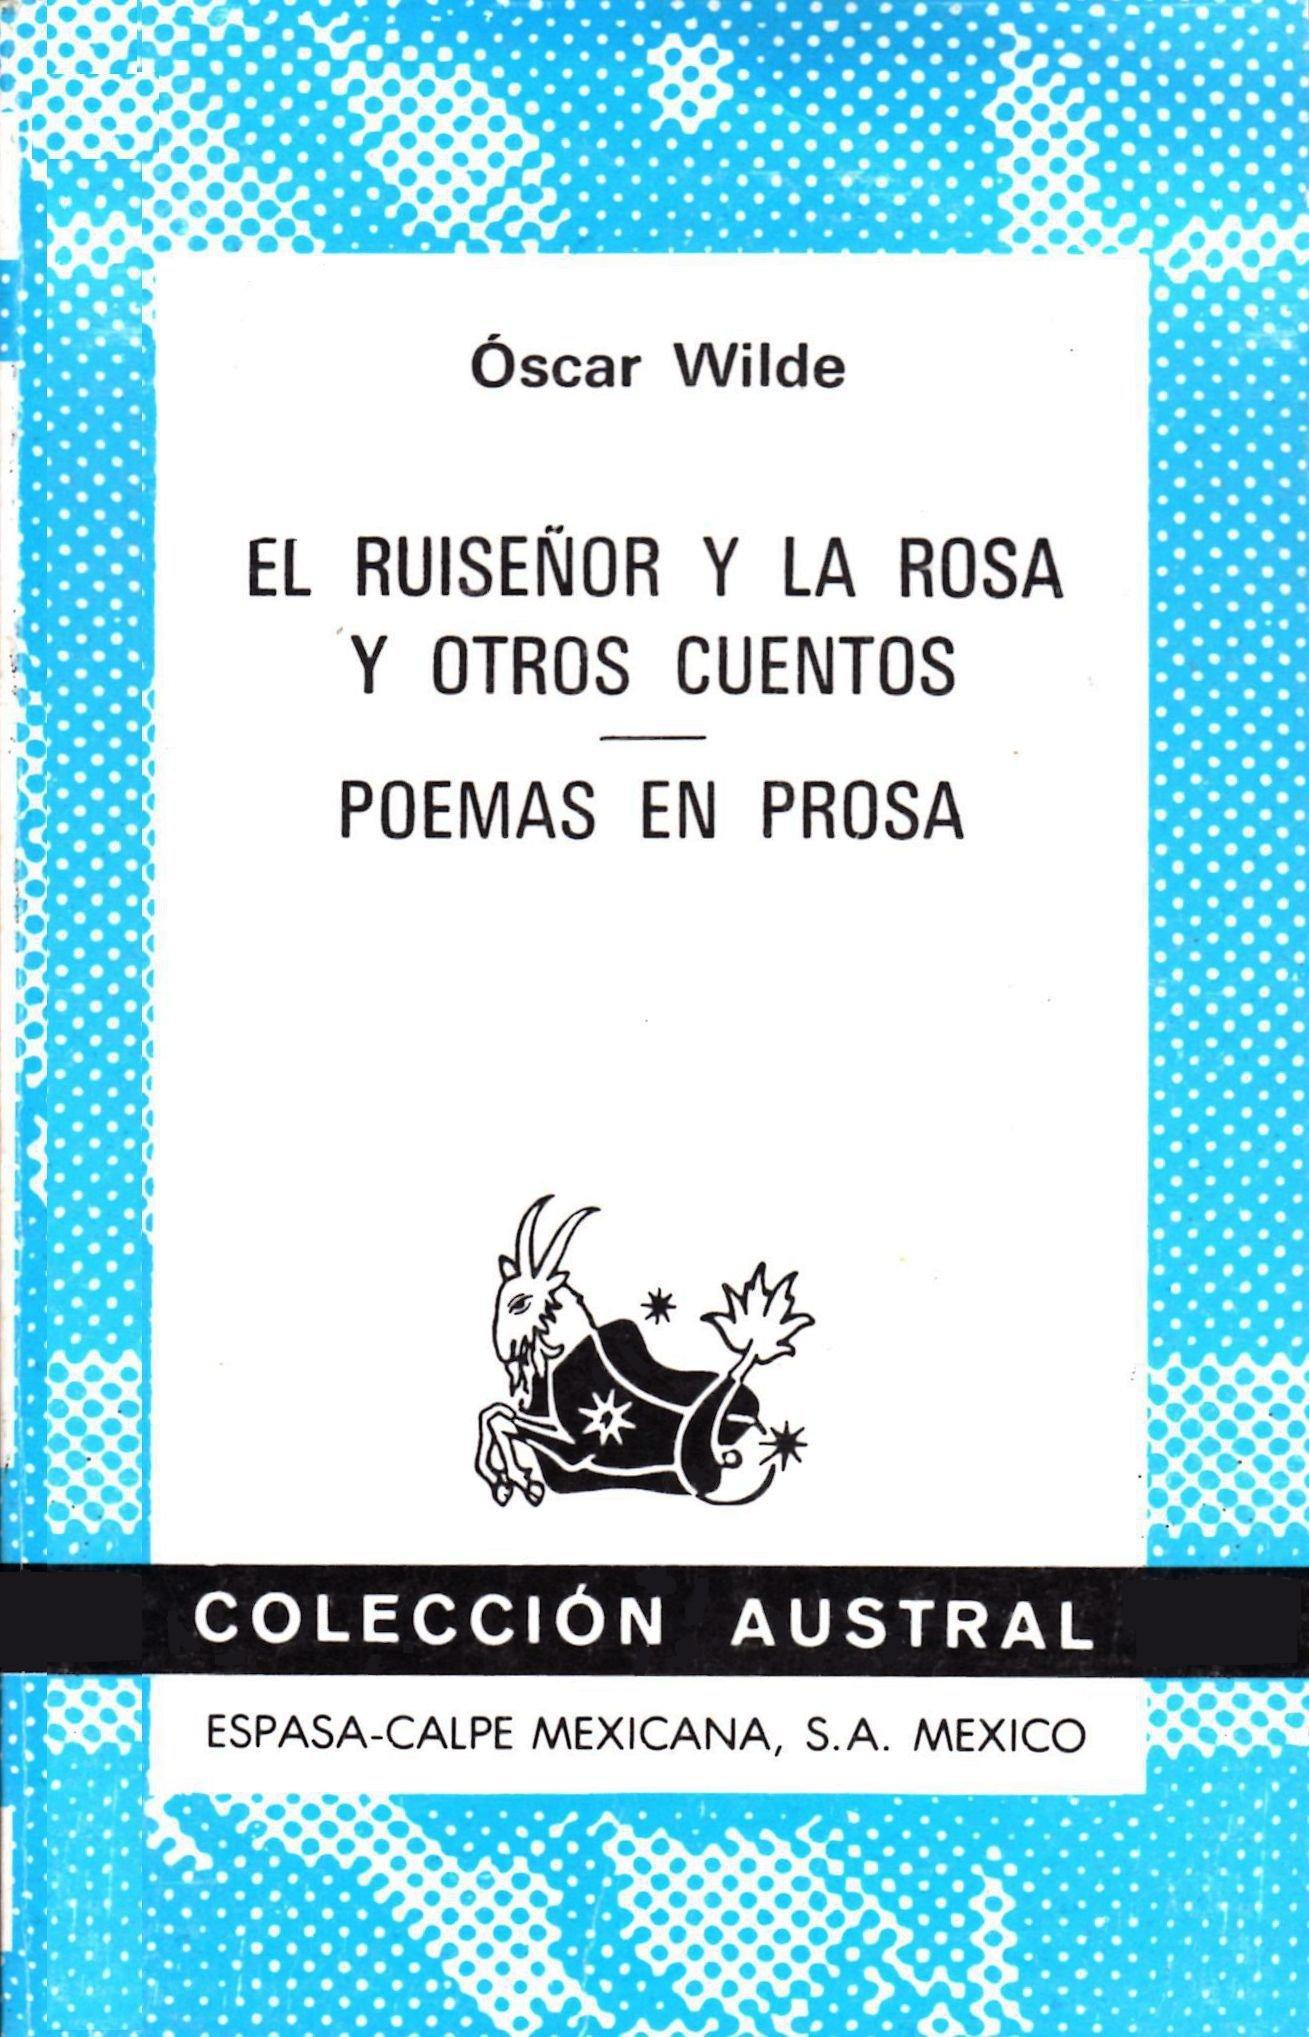 El Ruisenor y la Rosa y Otros Cuentos: Poemas en Prosa (Coleccion Austral)  (Spanish) Paperback – 1982